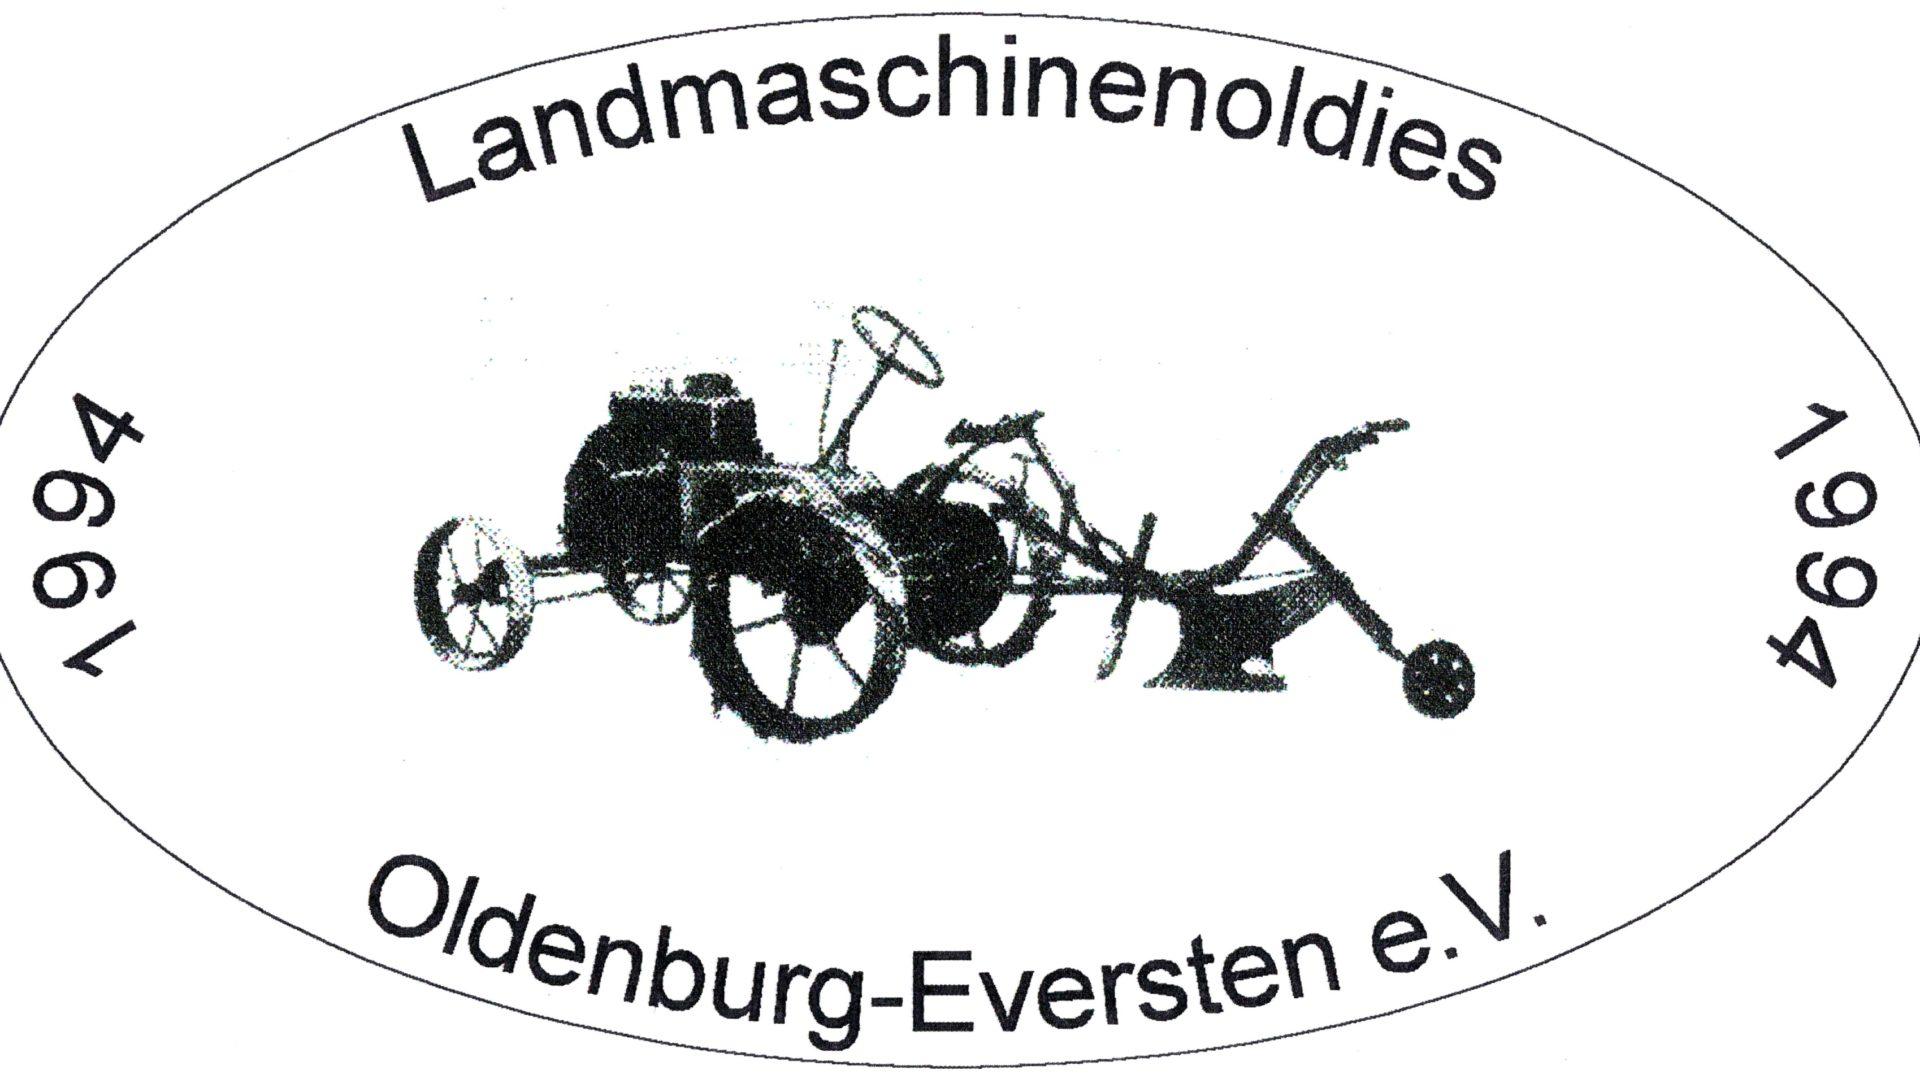 Landmaschinenoldies